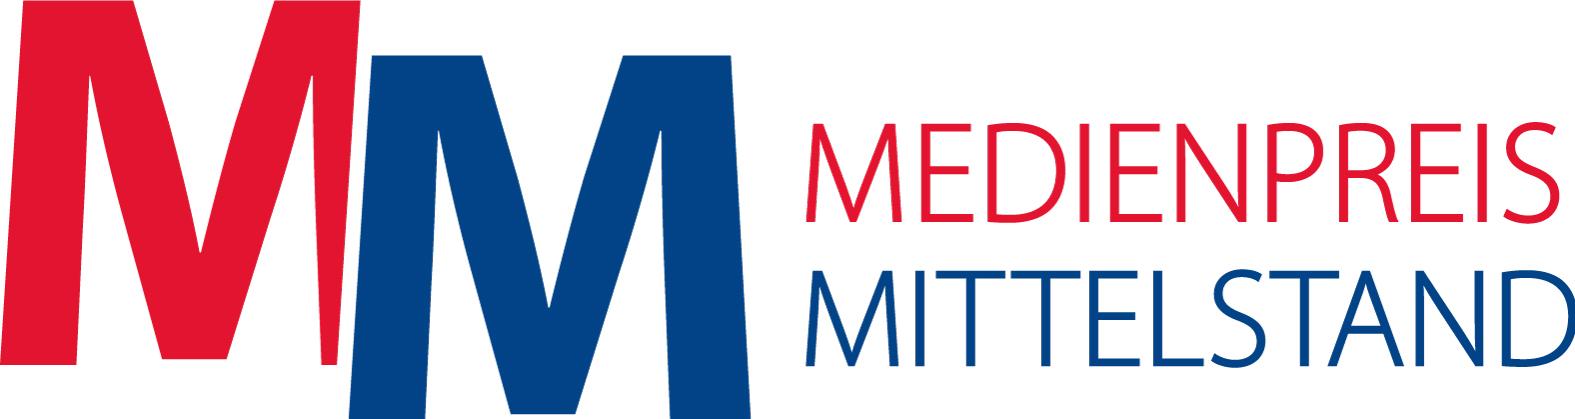 MedienpreisMittelstand_Logo